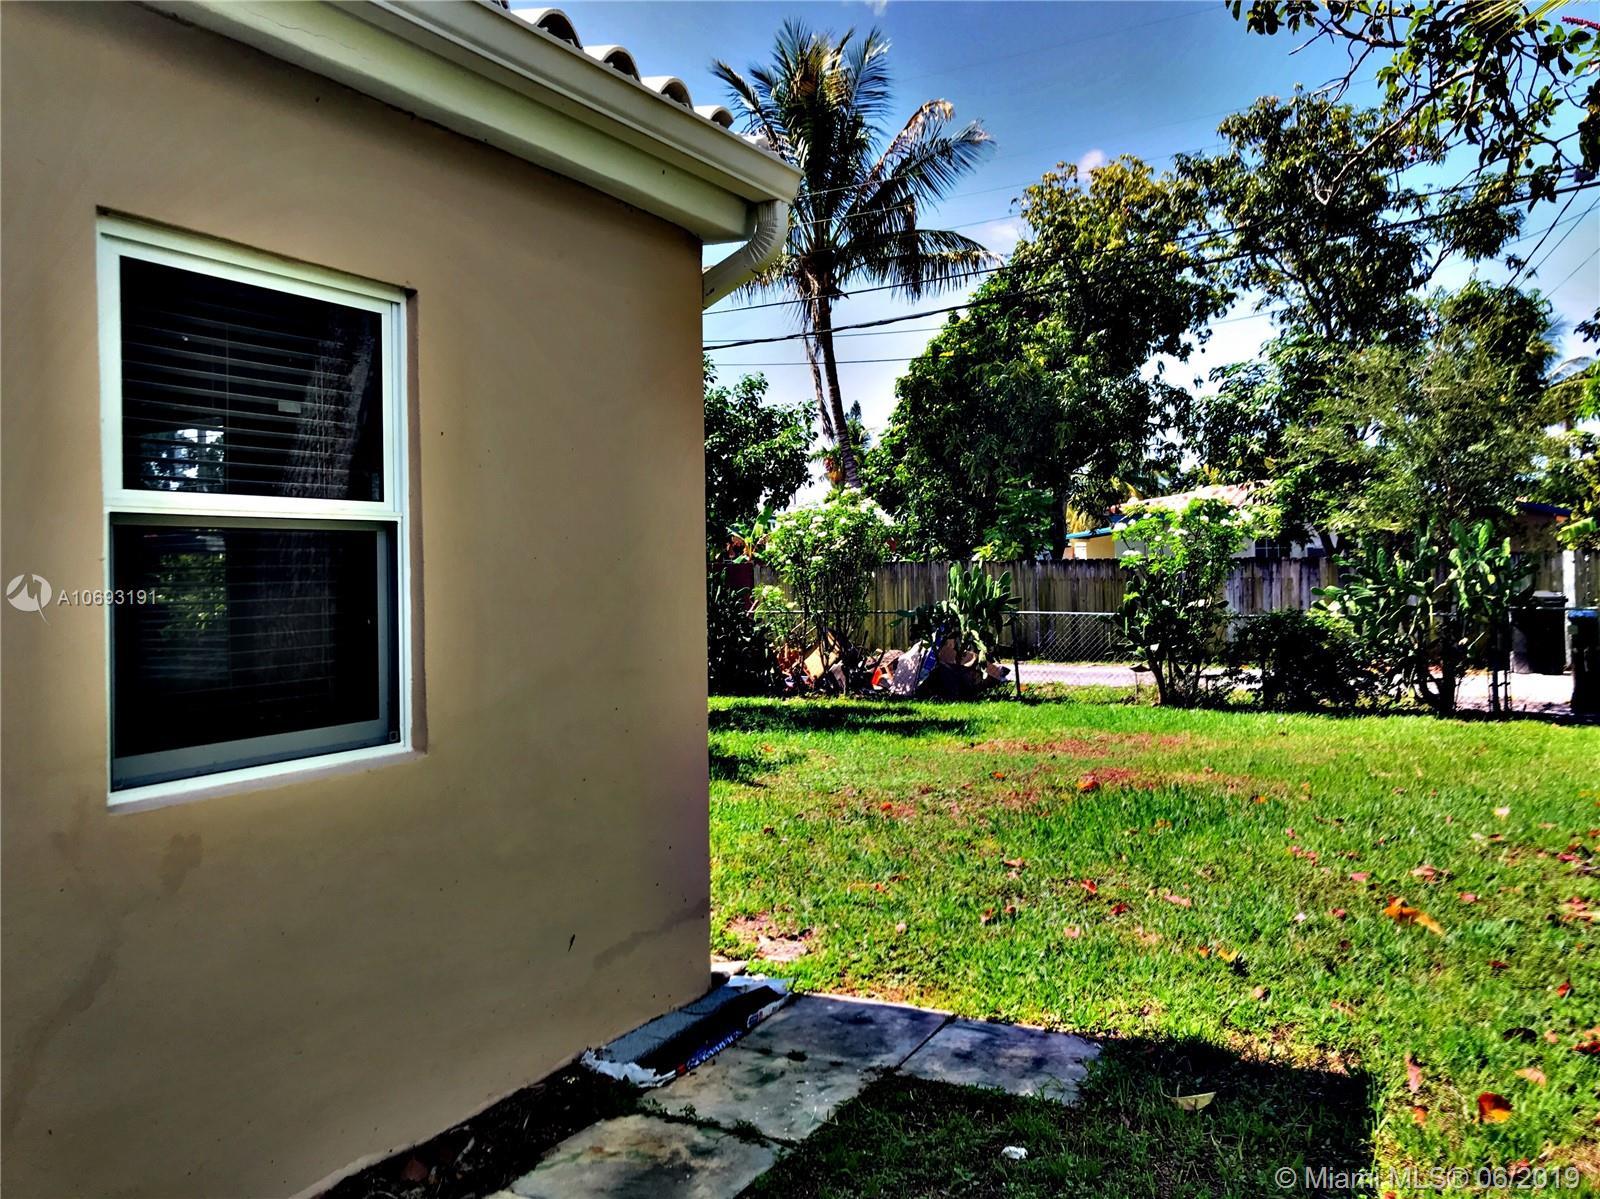 North Miami Beach # - 19 - photo